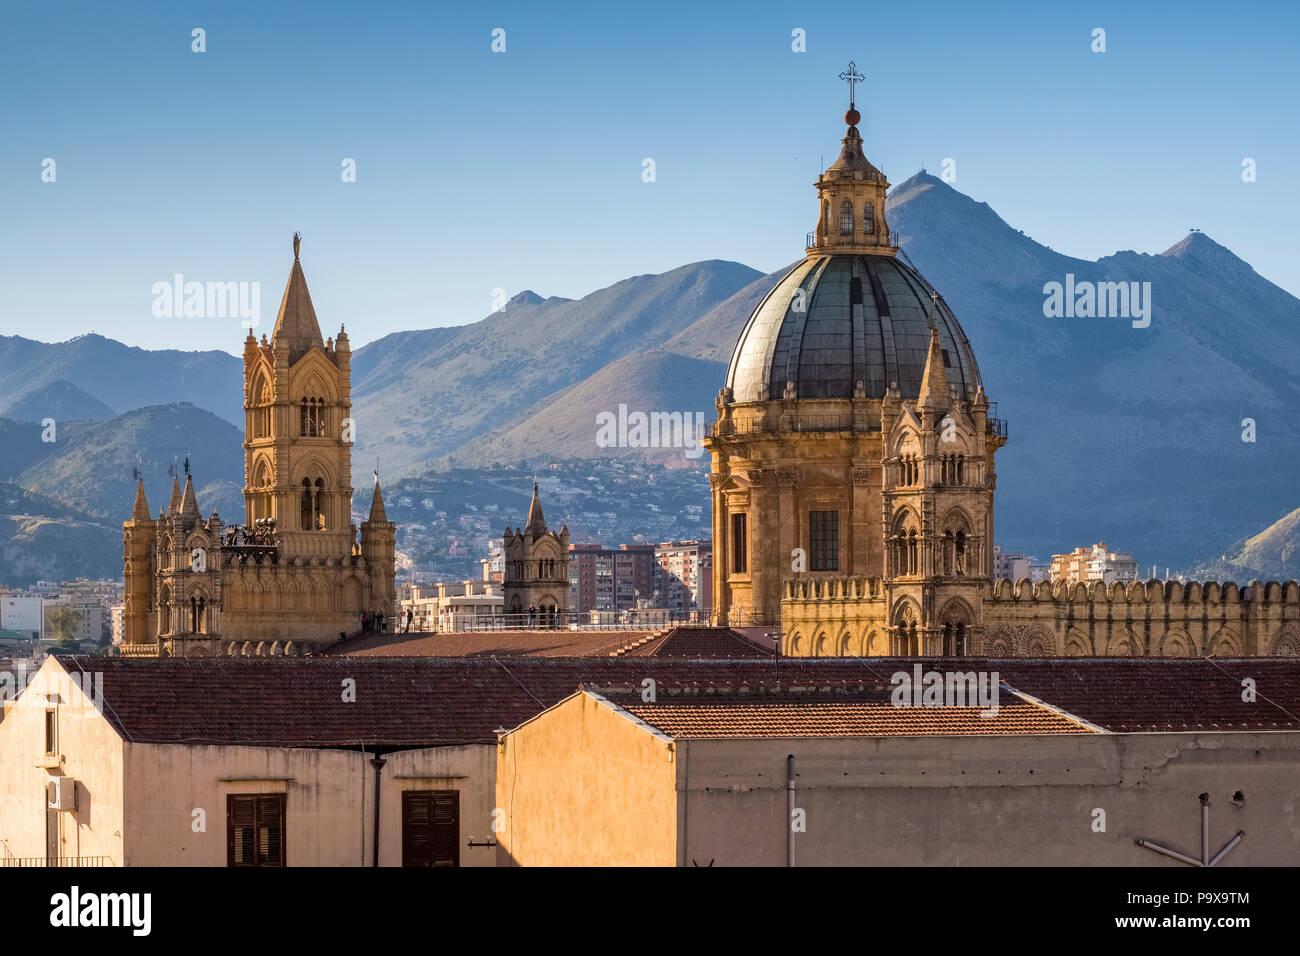 El horizonte de la ciudad de Palermo, Sicilia, Italia, Europa, demostrando la cúpula de la catedral de Palermo Imagen De Stock